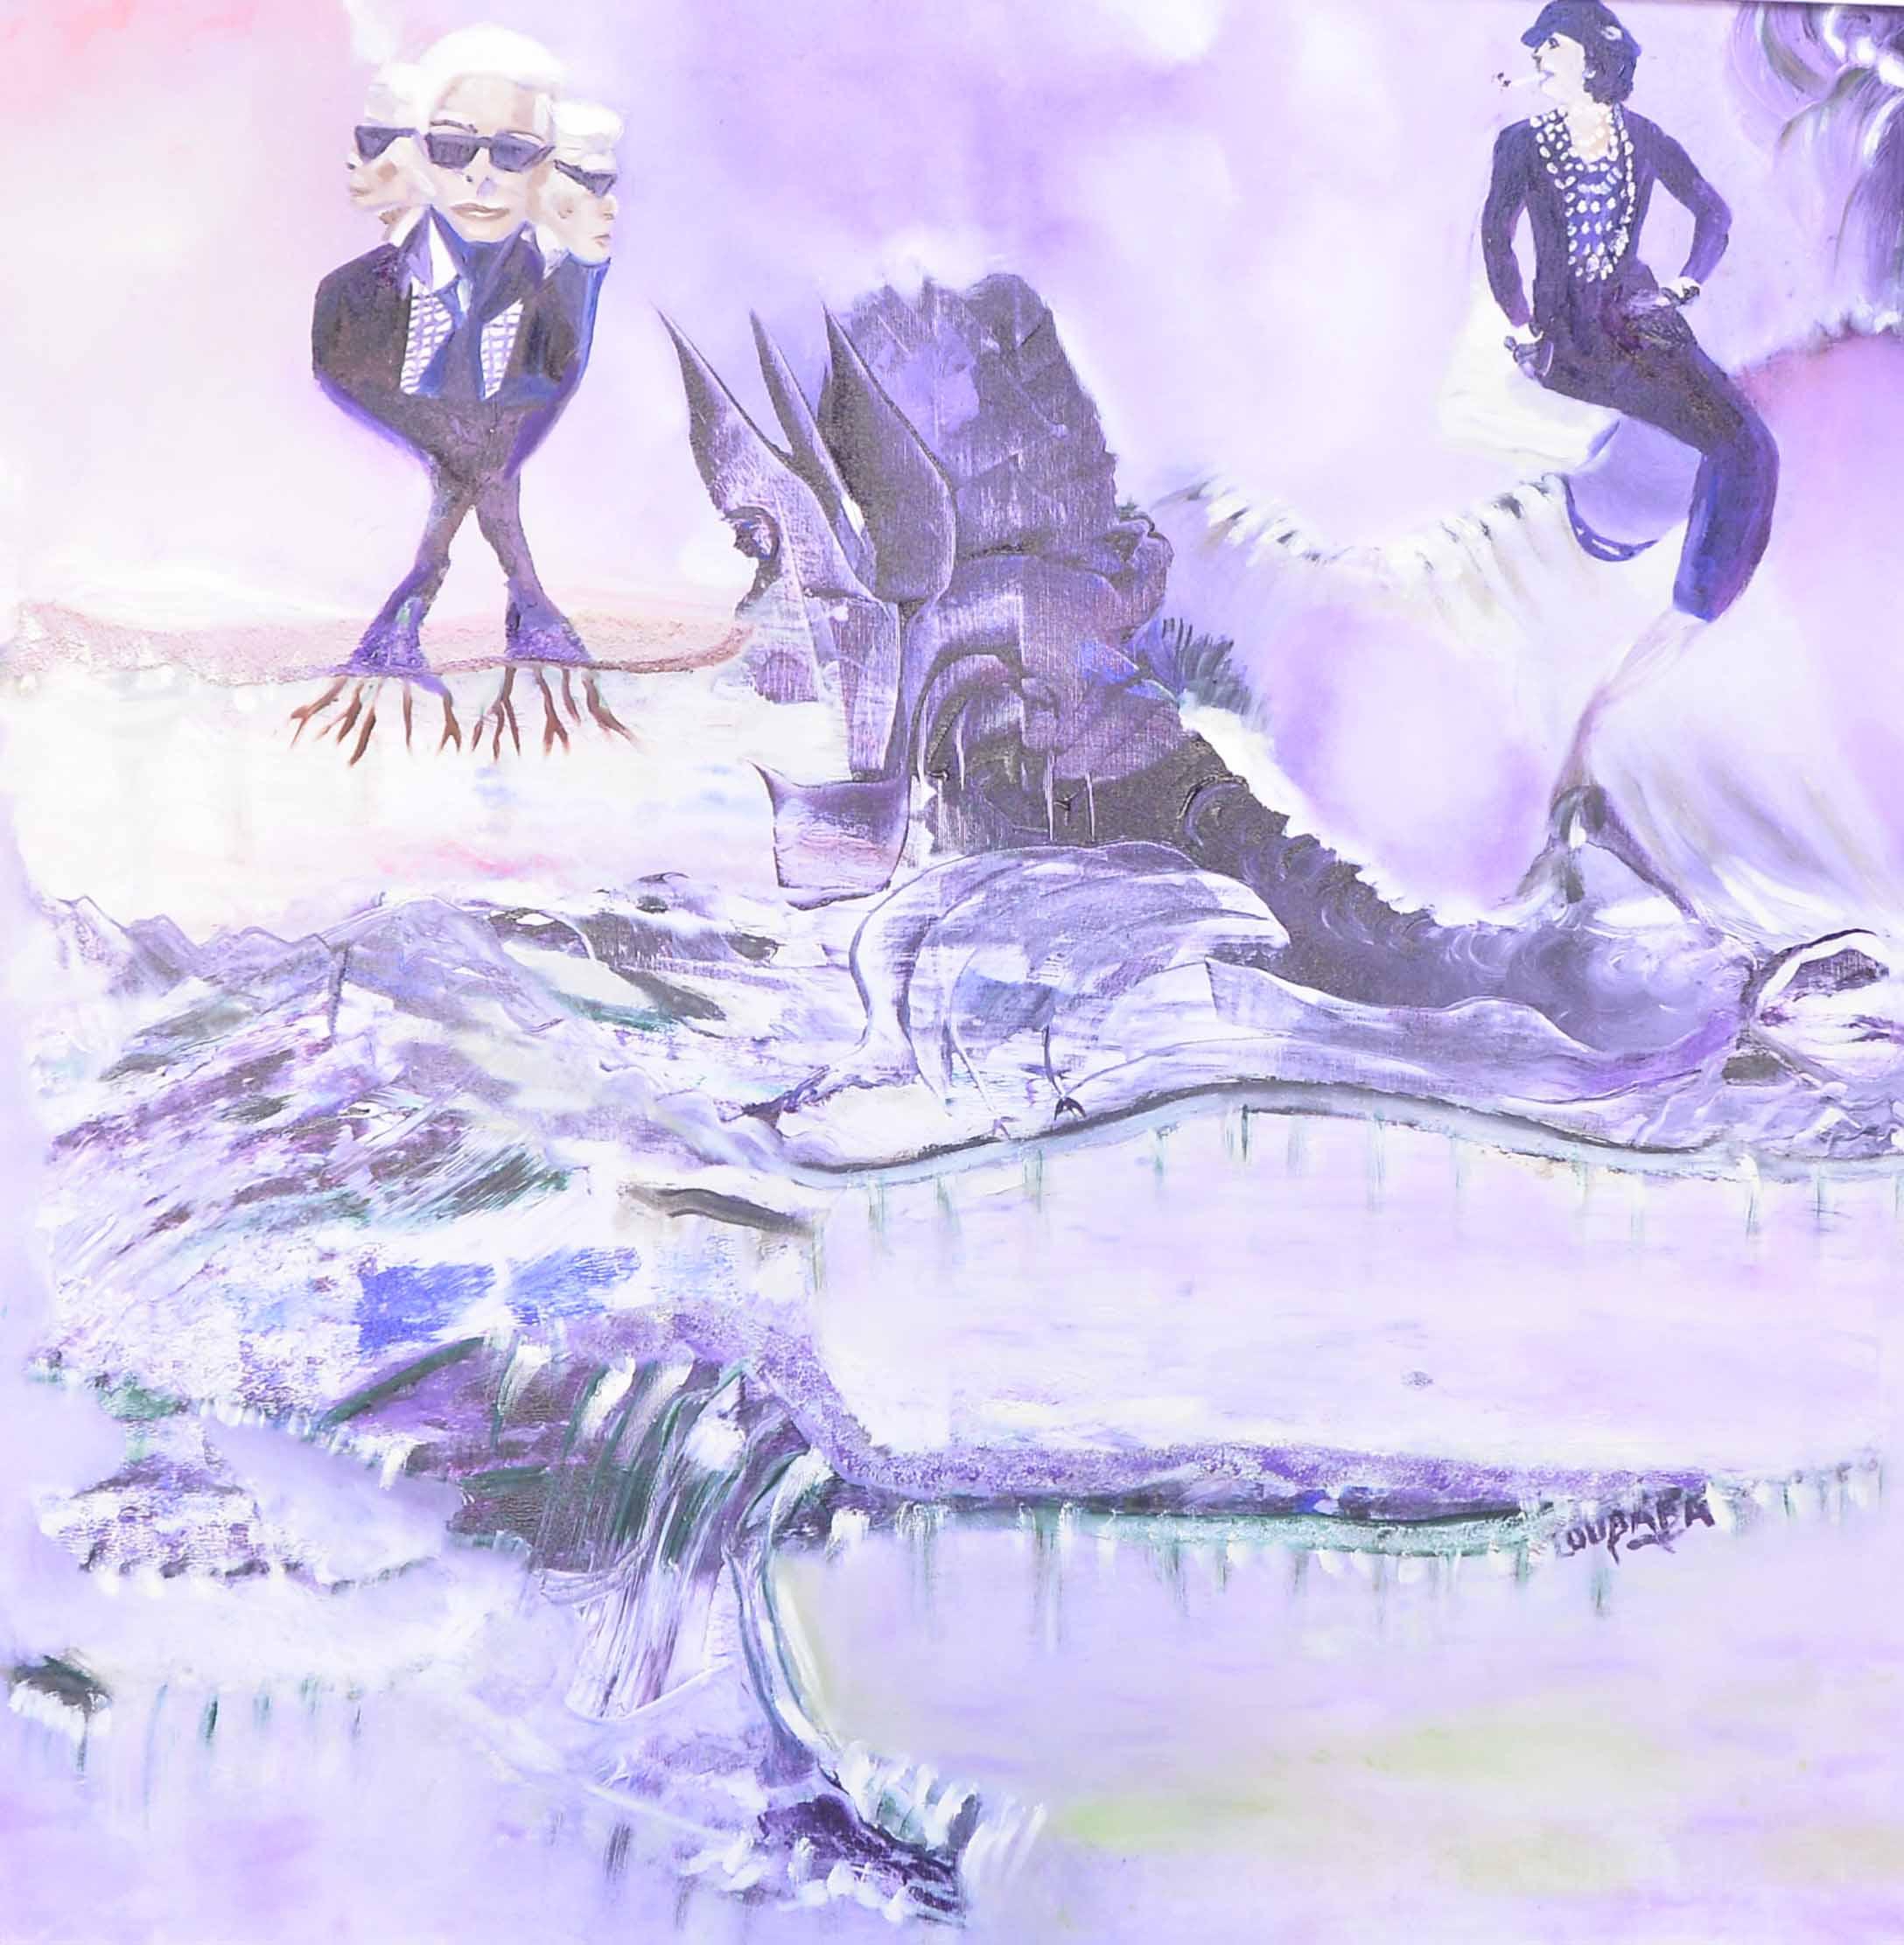 الفنانة التشكيلية لبابة لعلج تكرم مسار  مصمم الأزياء العالمي الراحل كارل لاغرفيلد